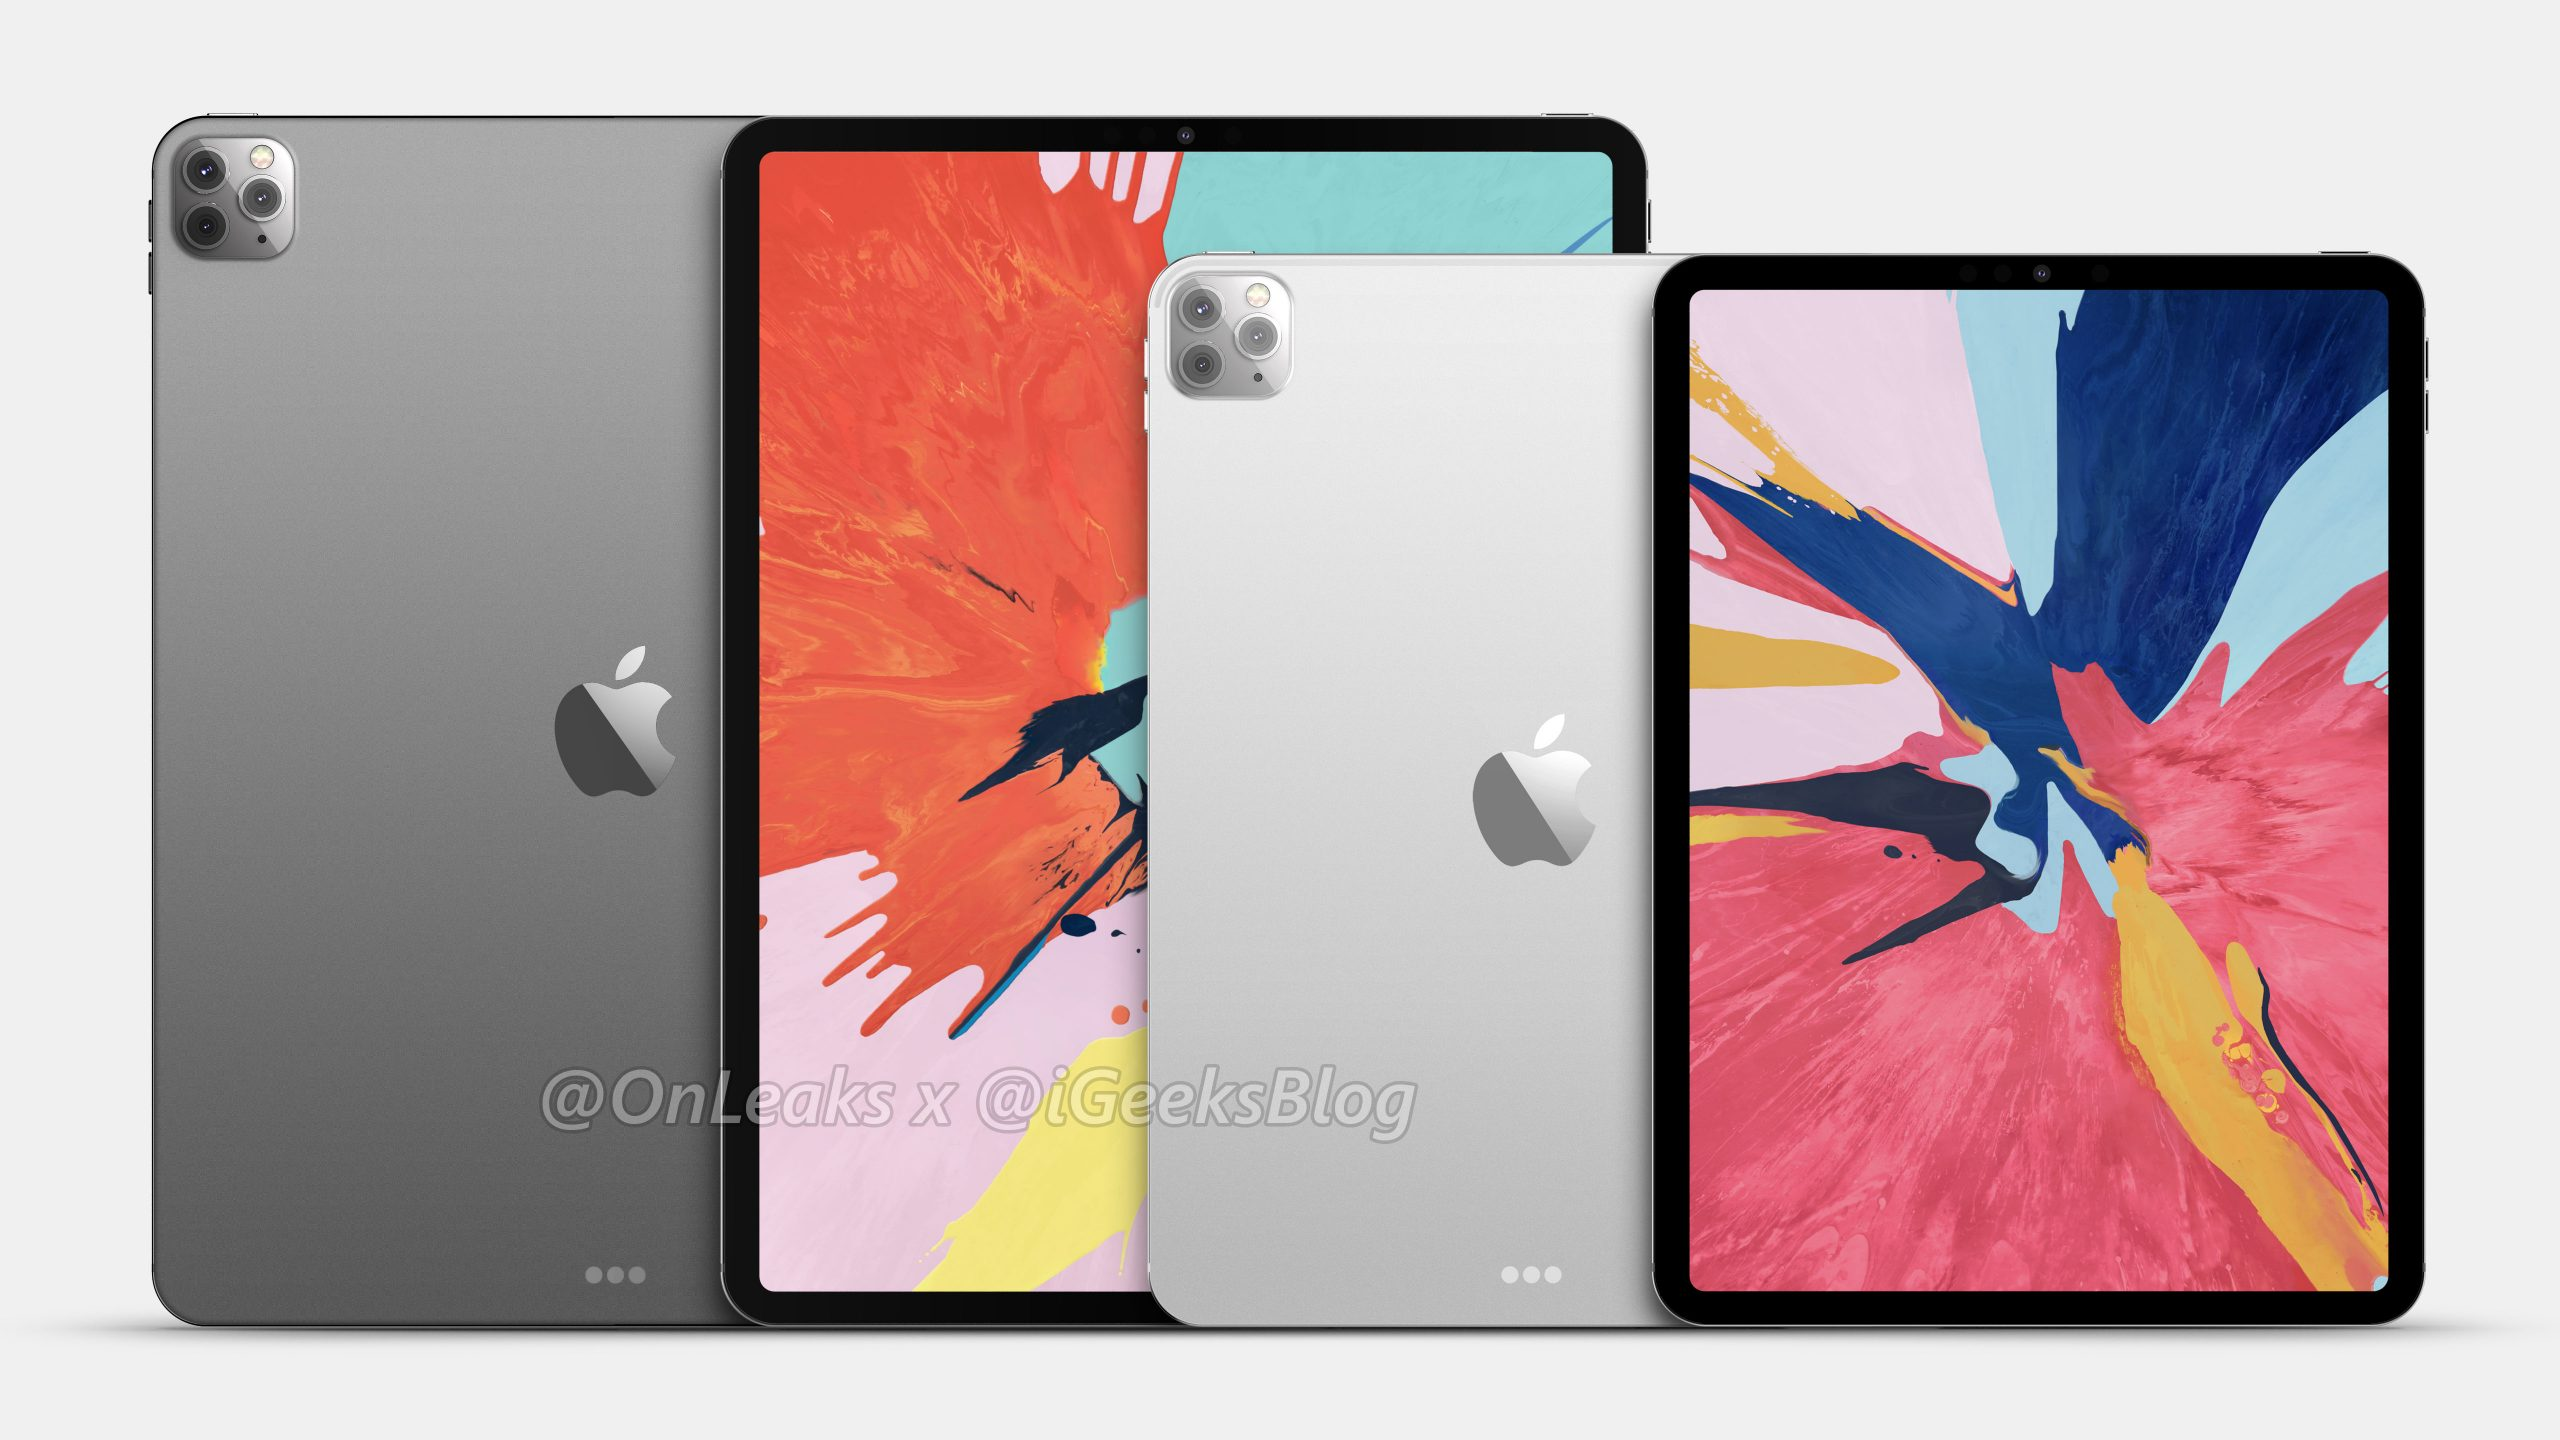 Apple nowy iPad Pro 2020 rendery aparat jak iPhone 11 Pro tablety specyfikacja dane techniczne kiedy premiera iPhone 9